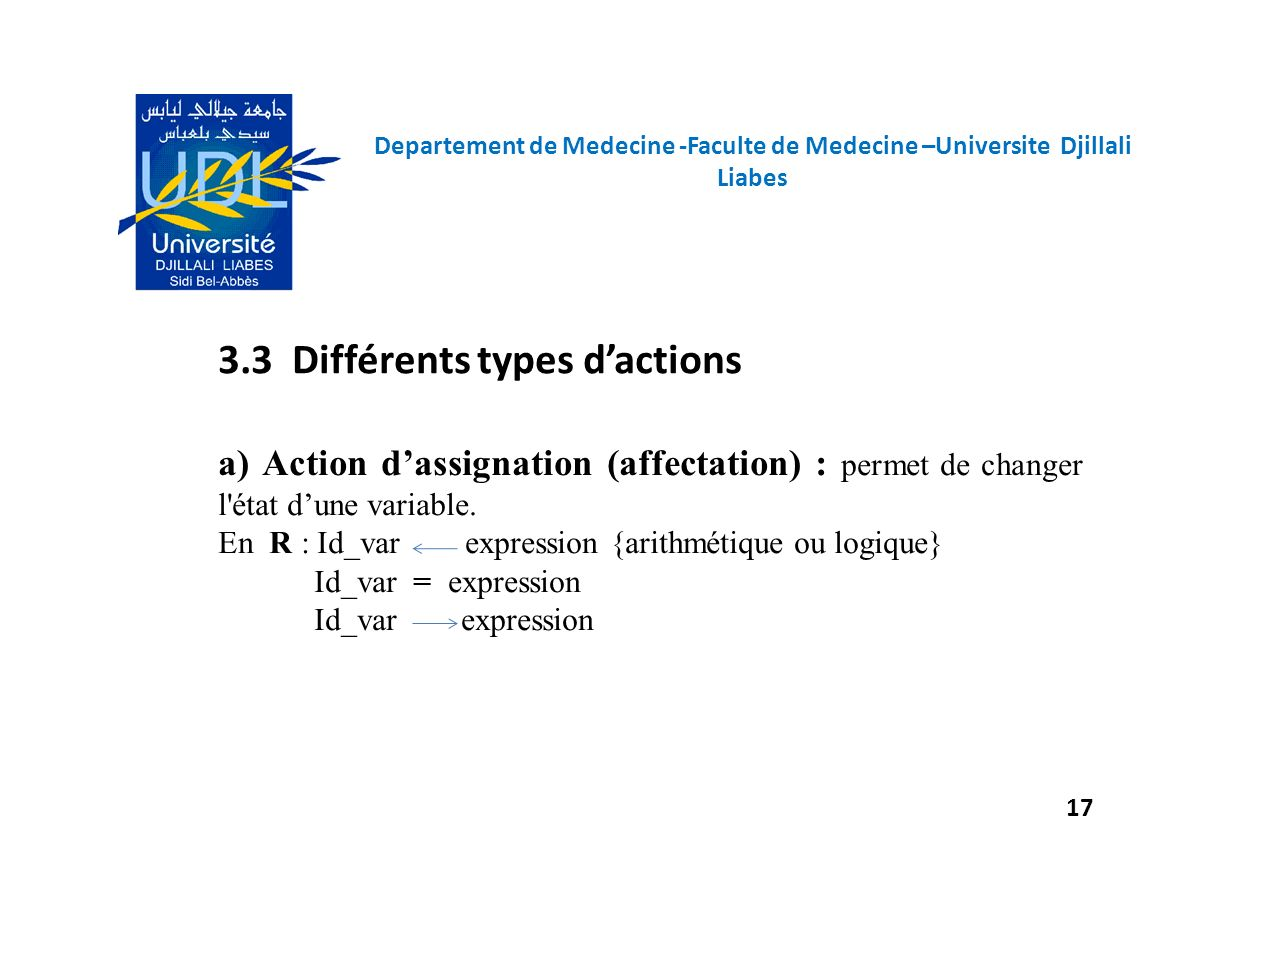 3.3 Différents types d'actions